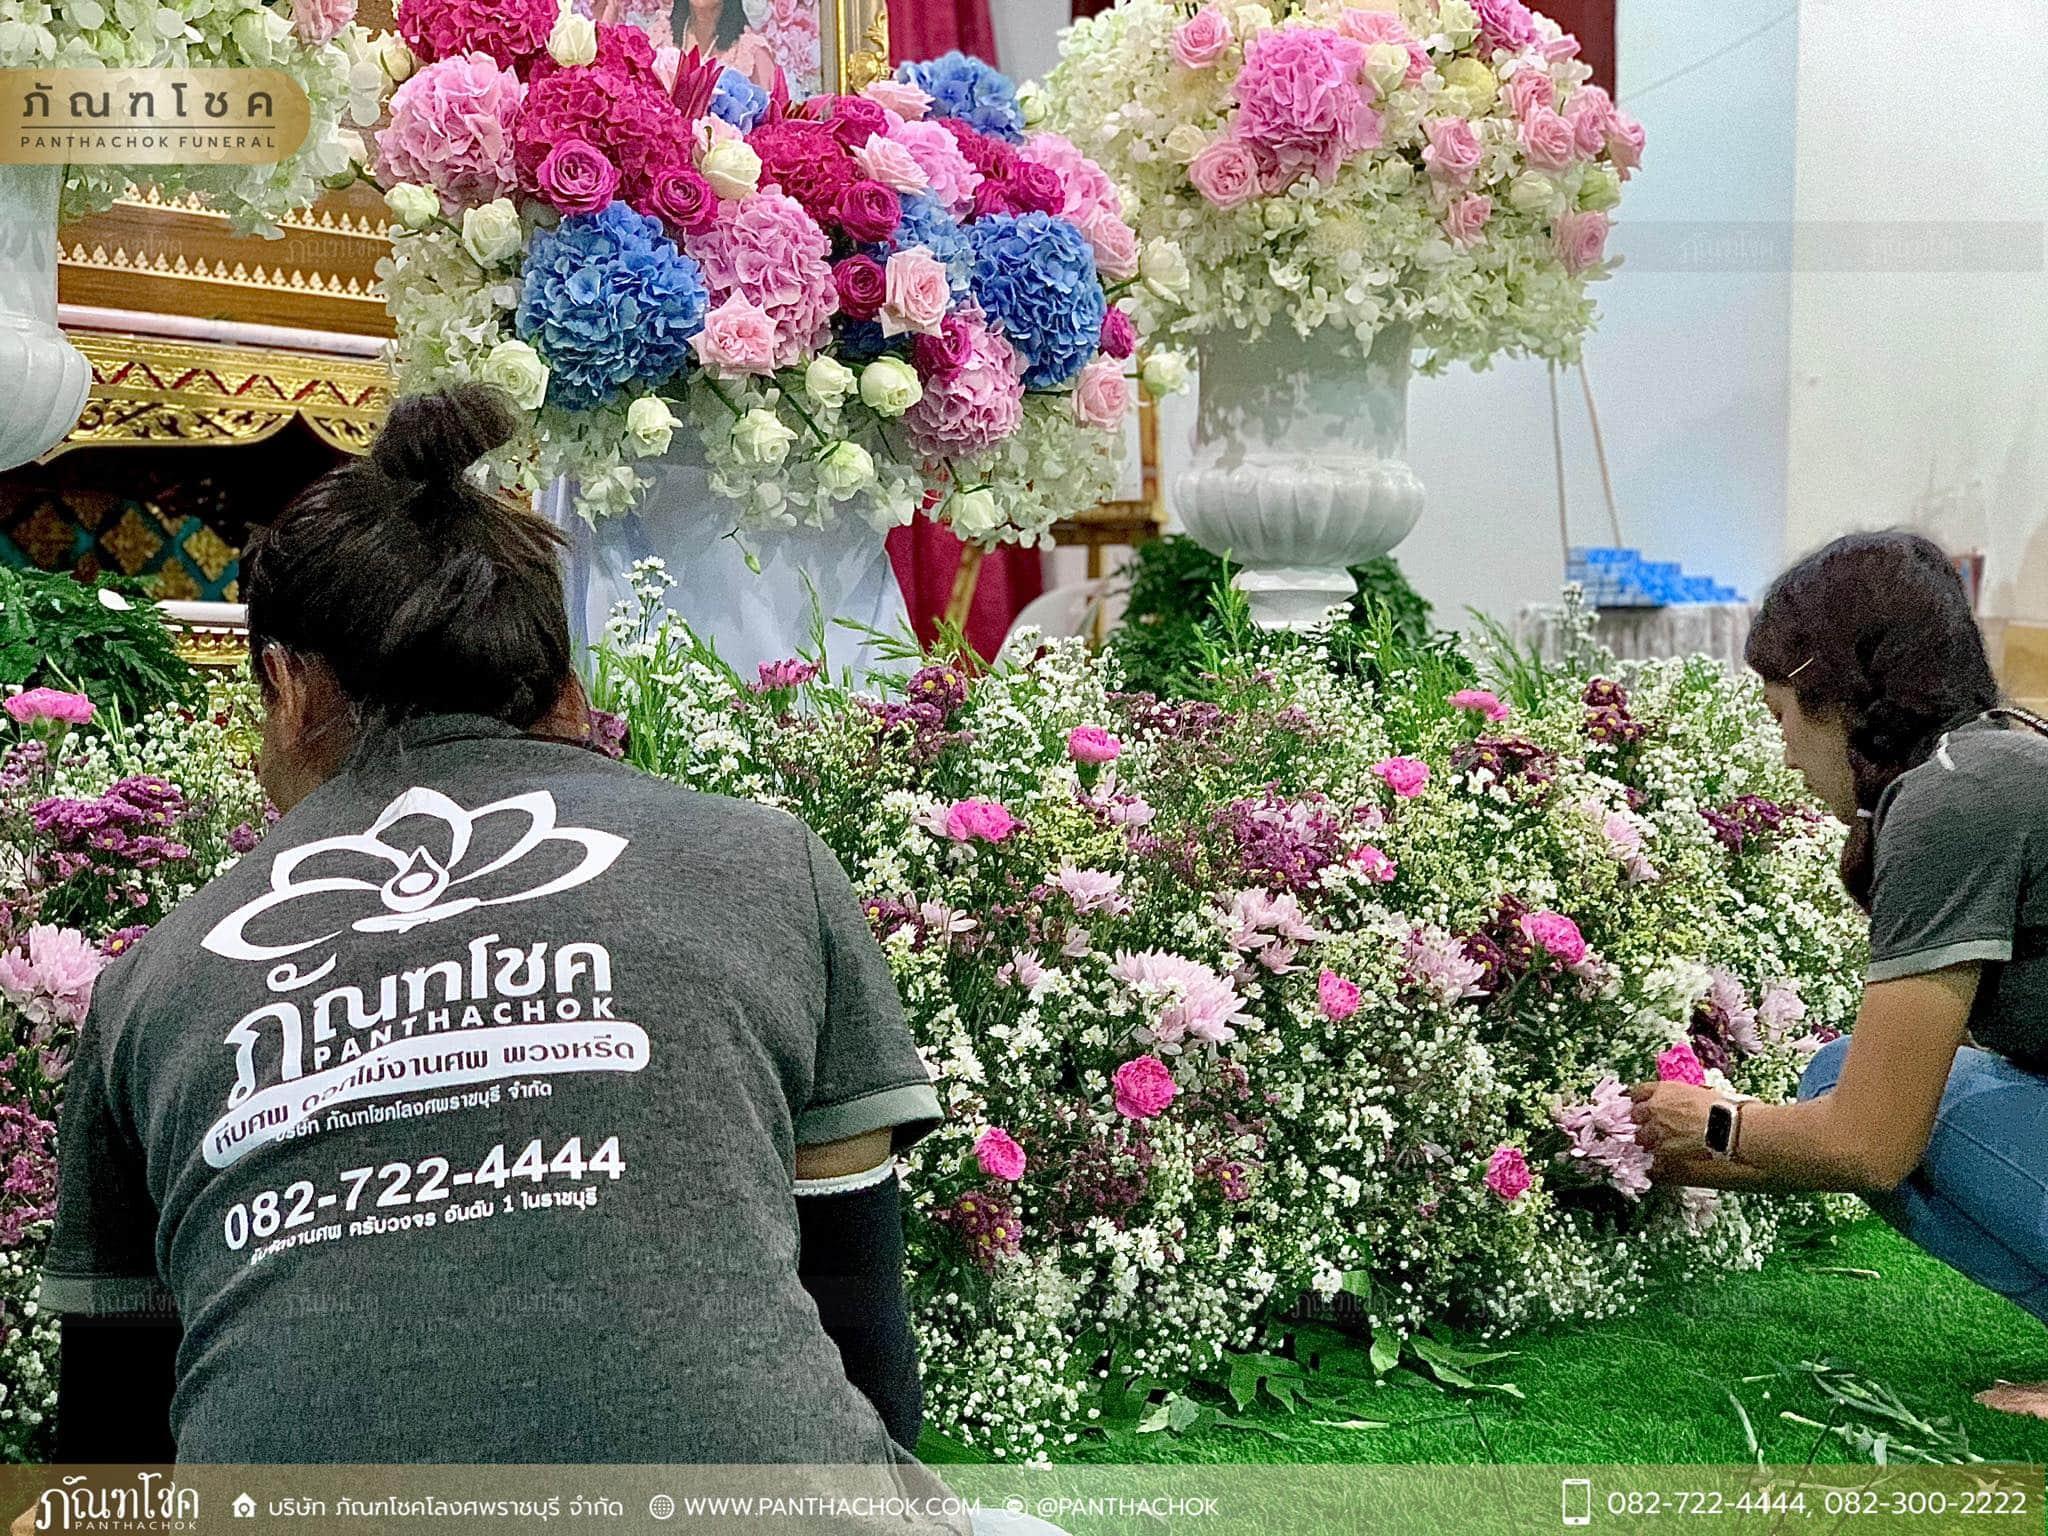 ดอกไม้หน้าหีบสีหวานสดใส ณ วัดหลักสี่ กทม. 6